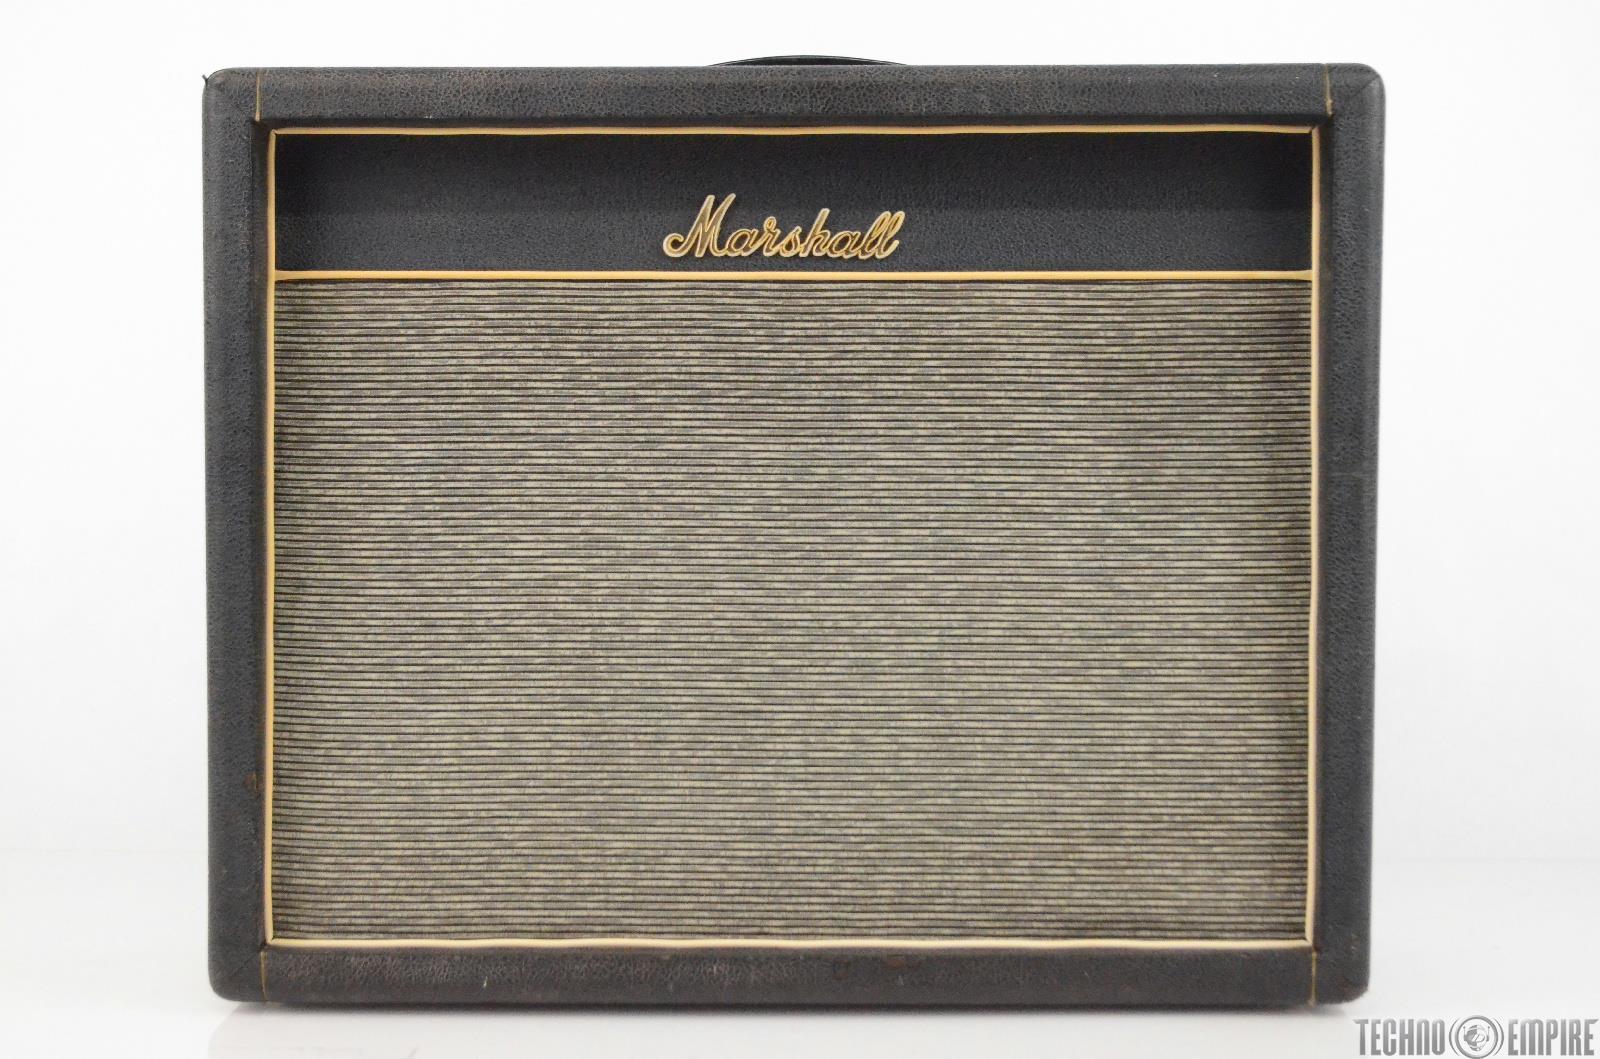 1965 Marshall Super Tremolo JTM 45 MK IV Bluesbreaker 2x12 Combo Tube Amp #31769